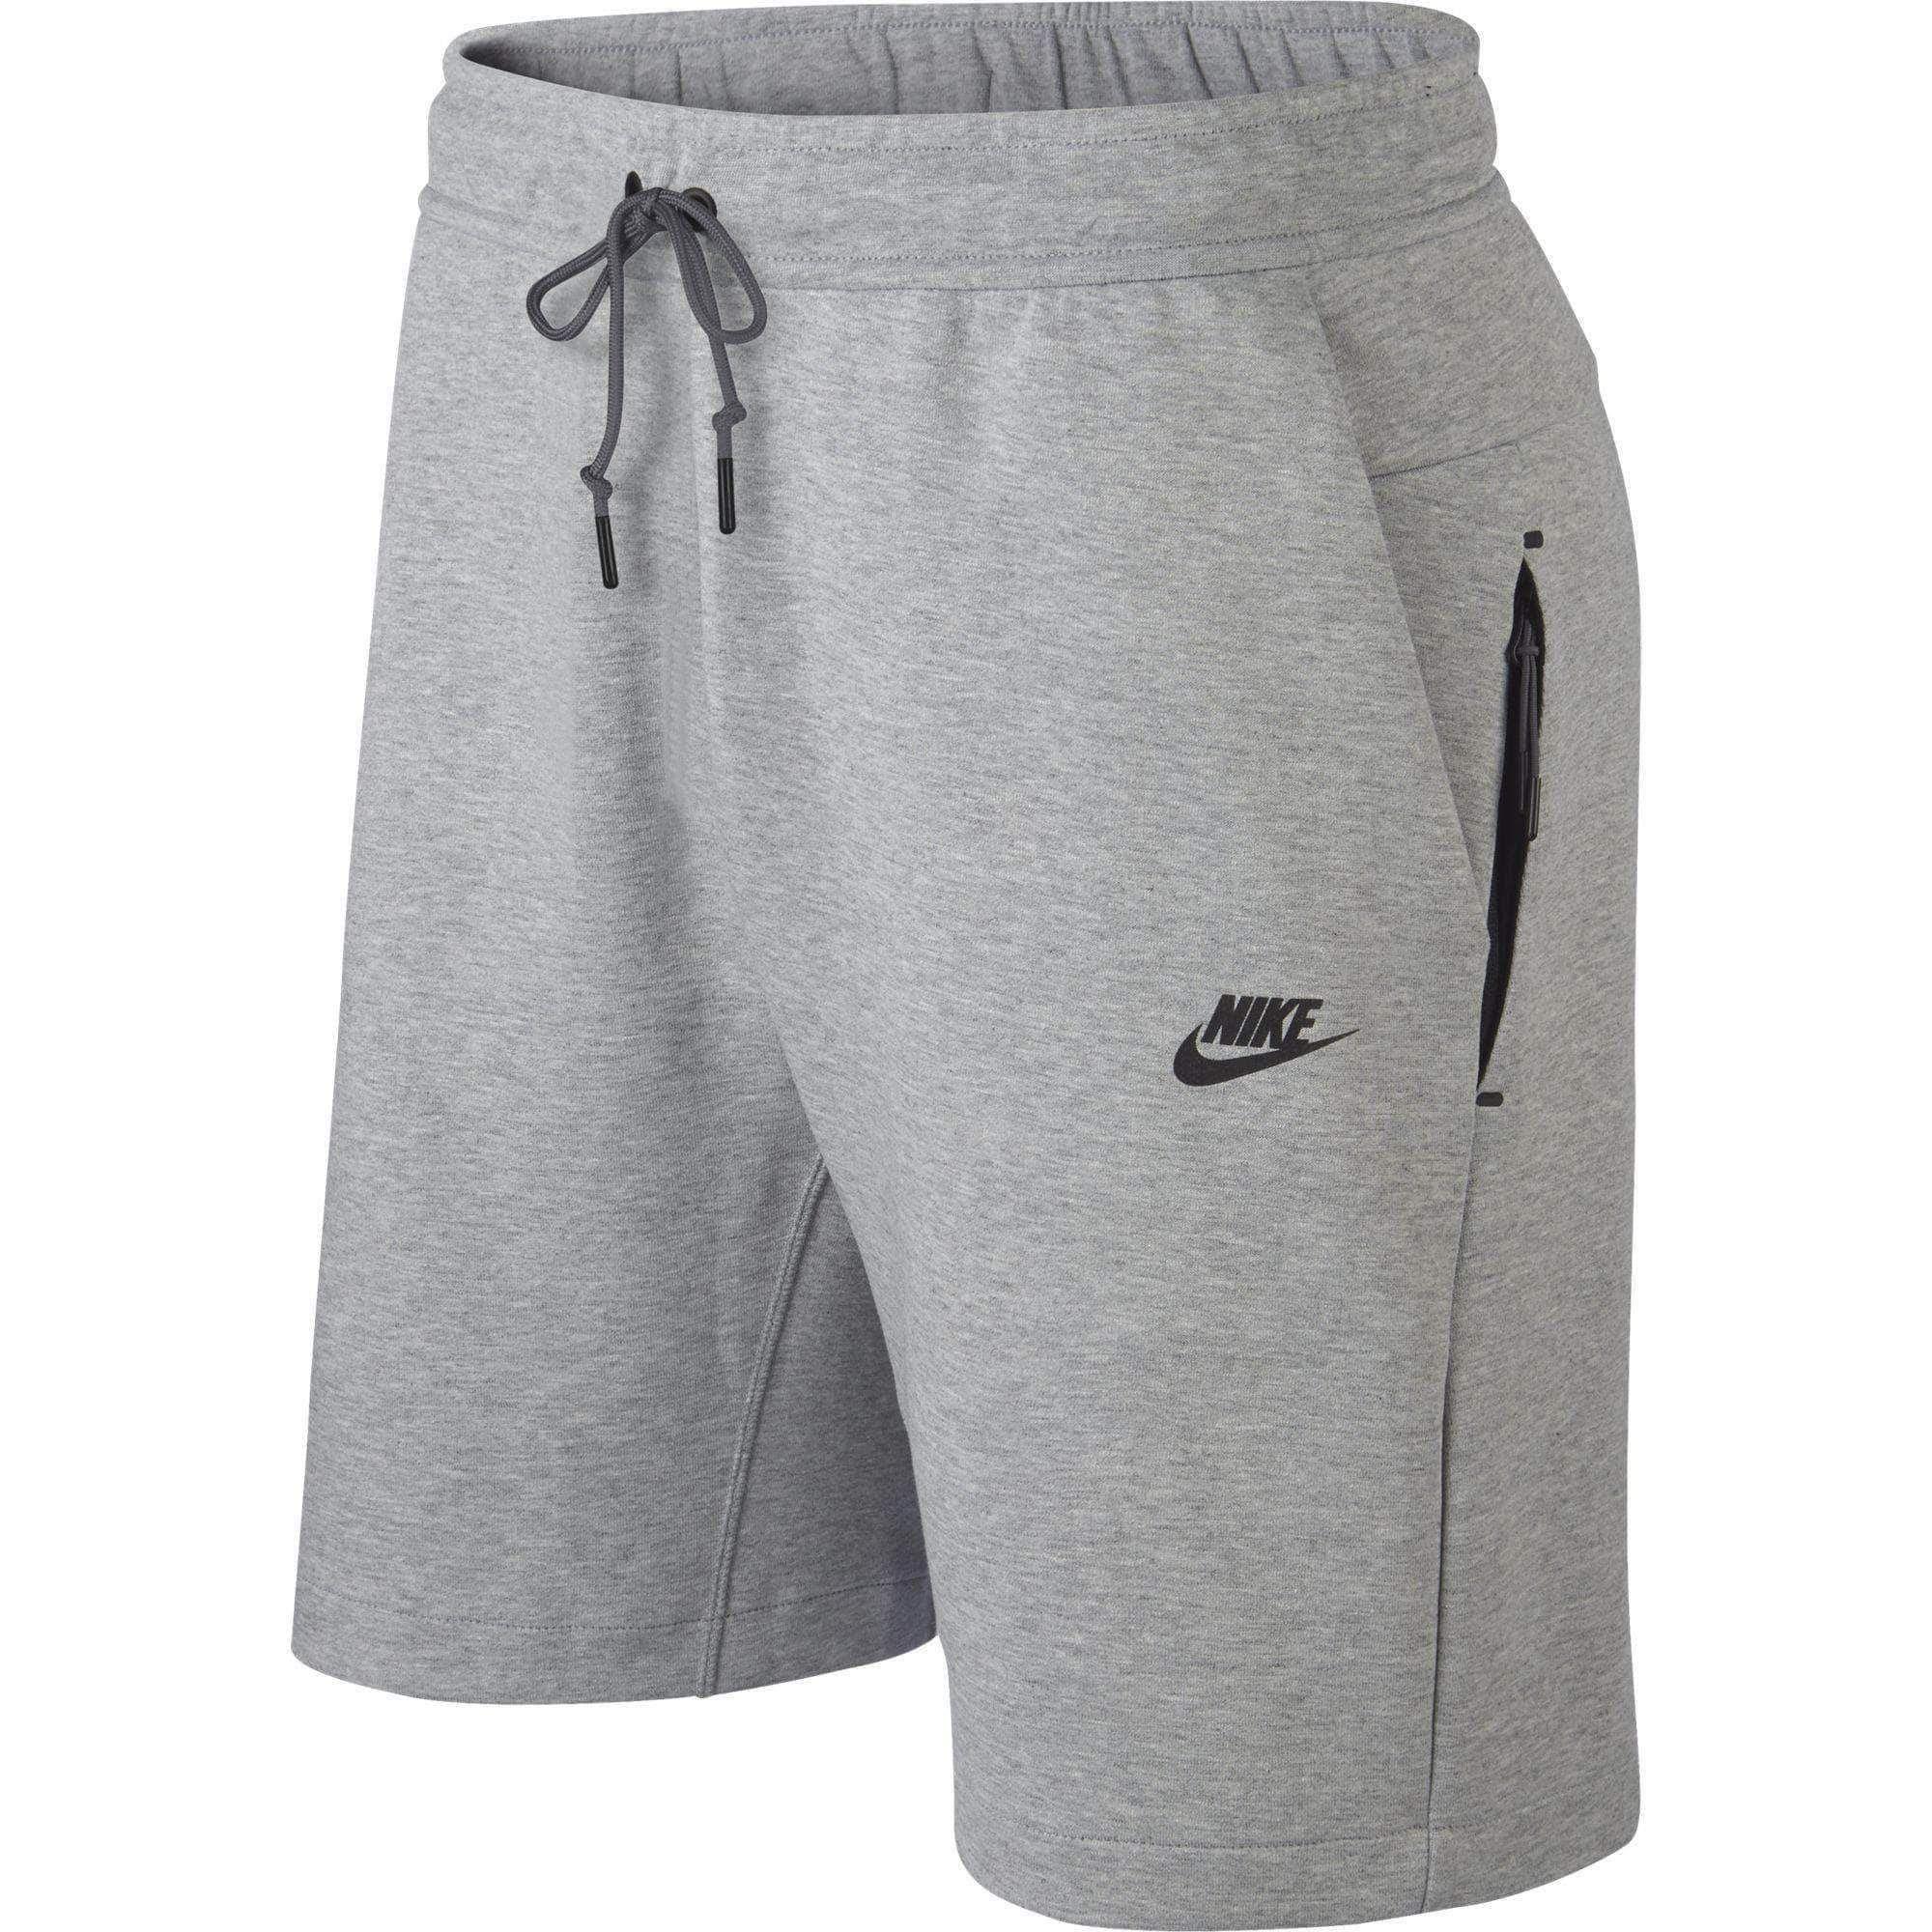 APPAREL - Nike Sportswear Tech Fleece Shorts - Men's   Nike ...